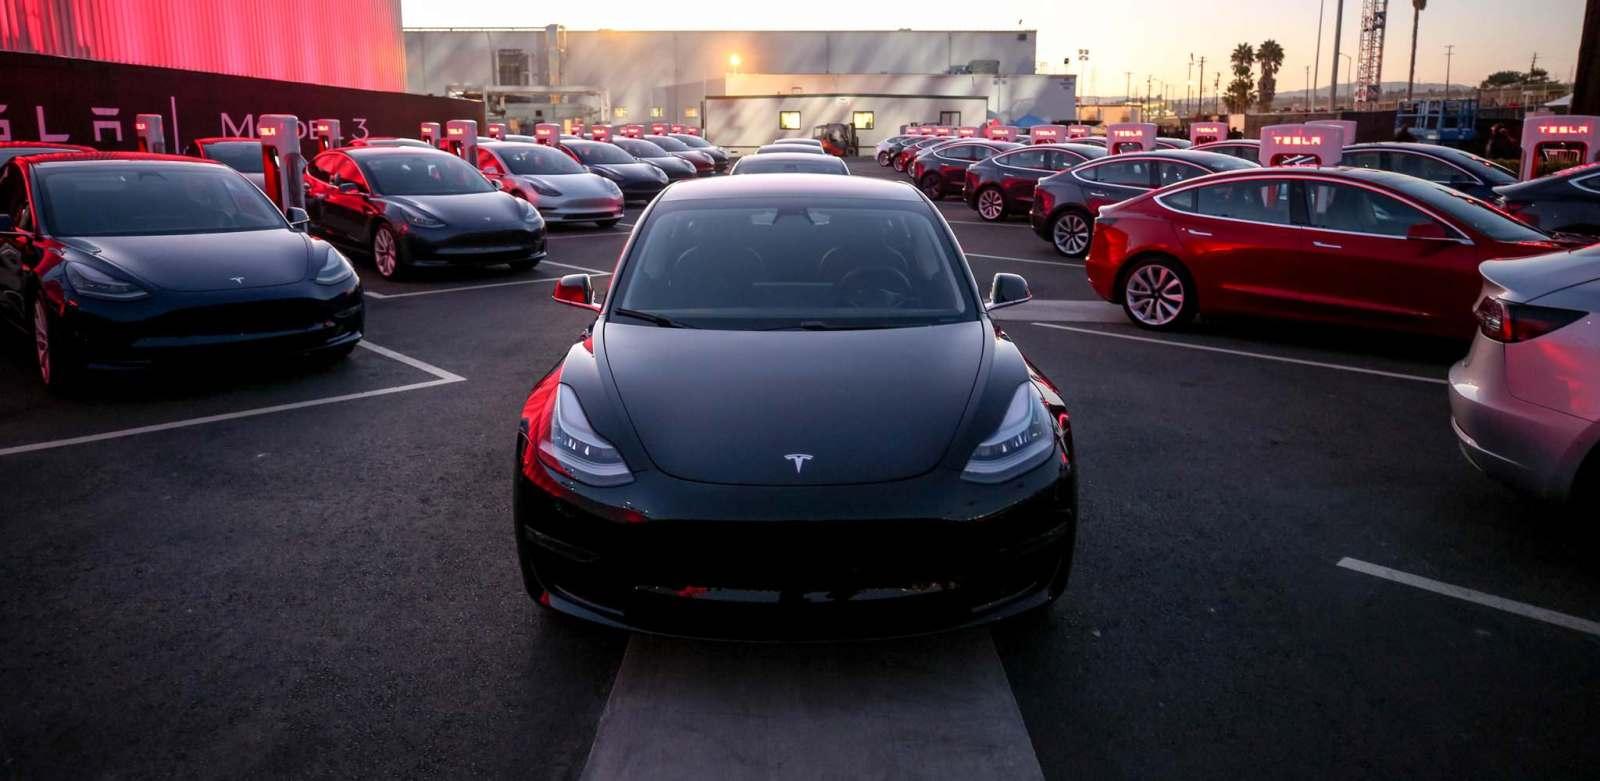 Tesla Bangun Stasiun Charger Terbesar di Dunia untuk Mobil Listrik ... Autos.id Tesla Bangun Stasiun Charger Terbesar di Dunia